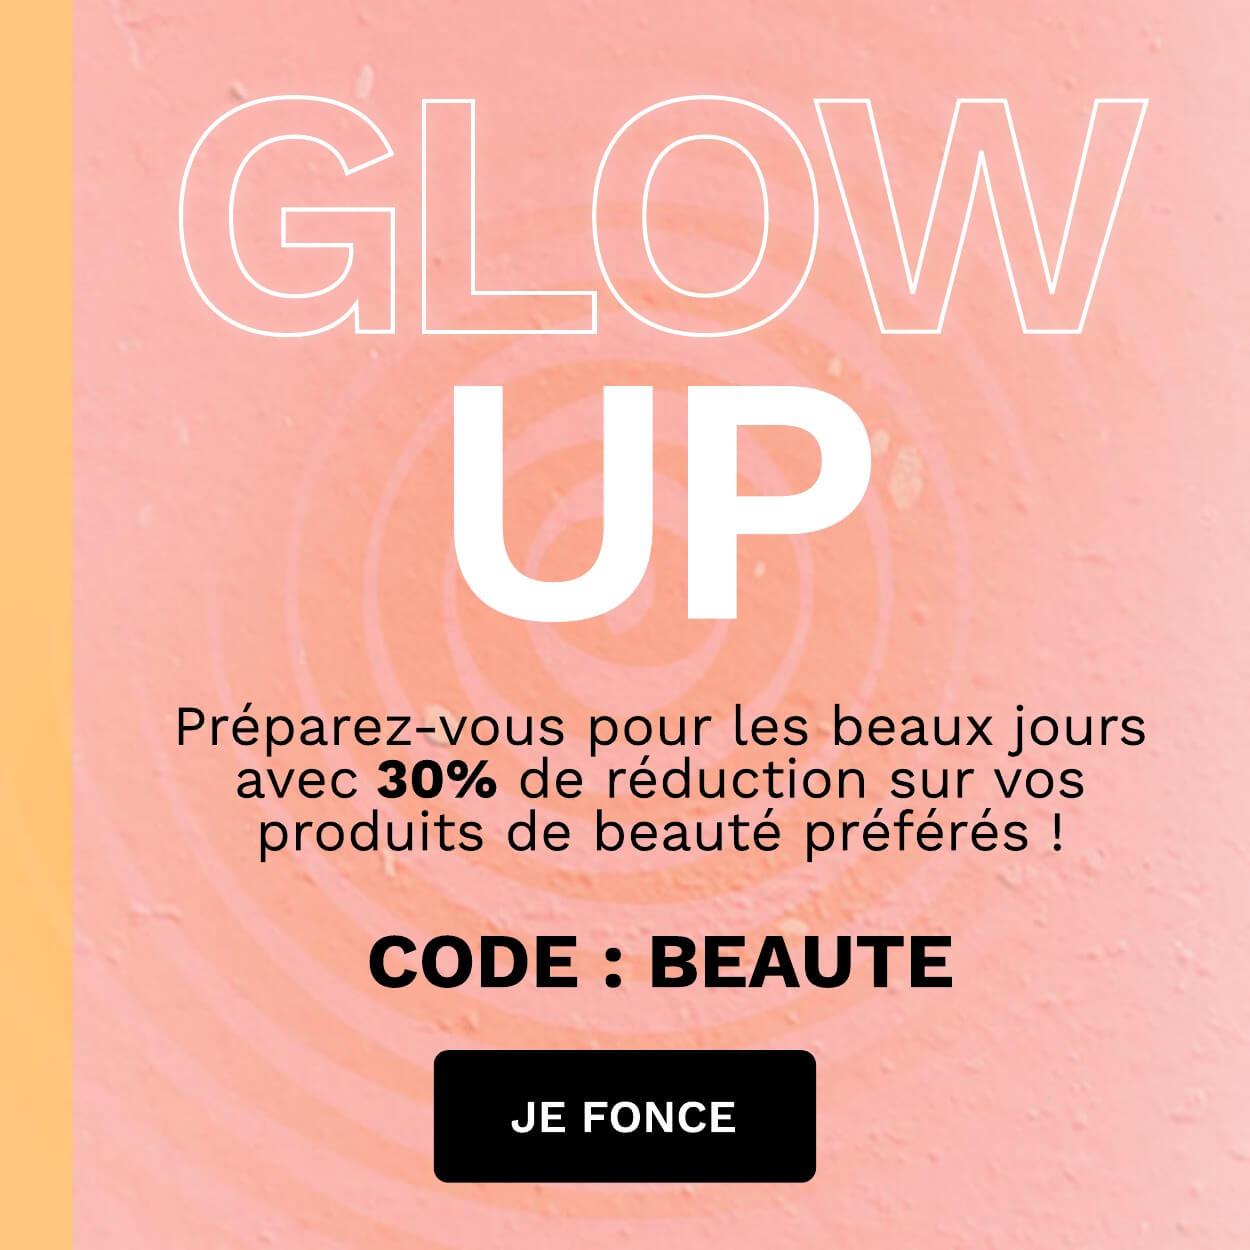 Économisez jusqu'à 30%! Code: BEAUTE